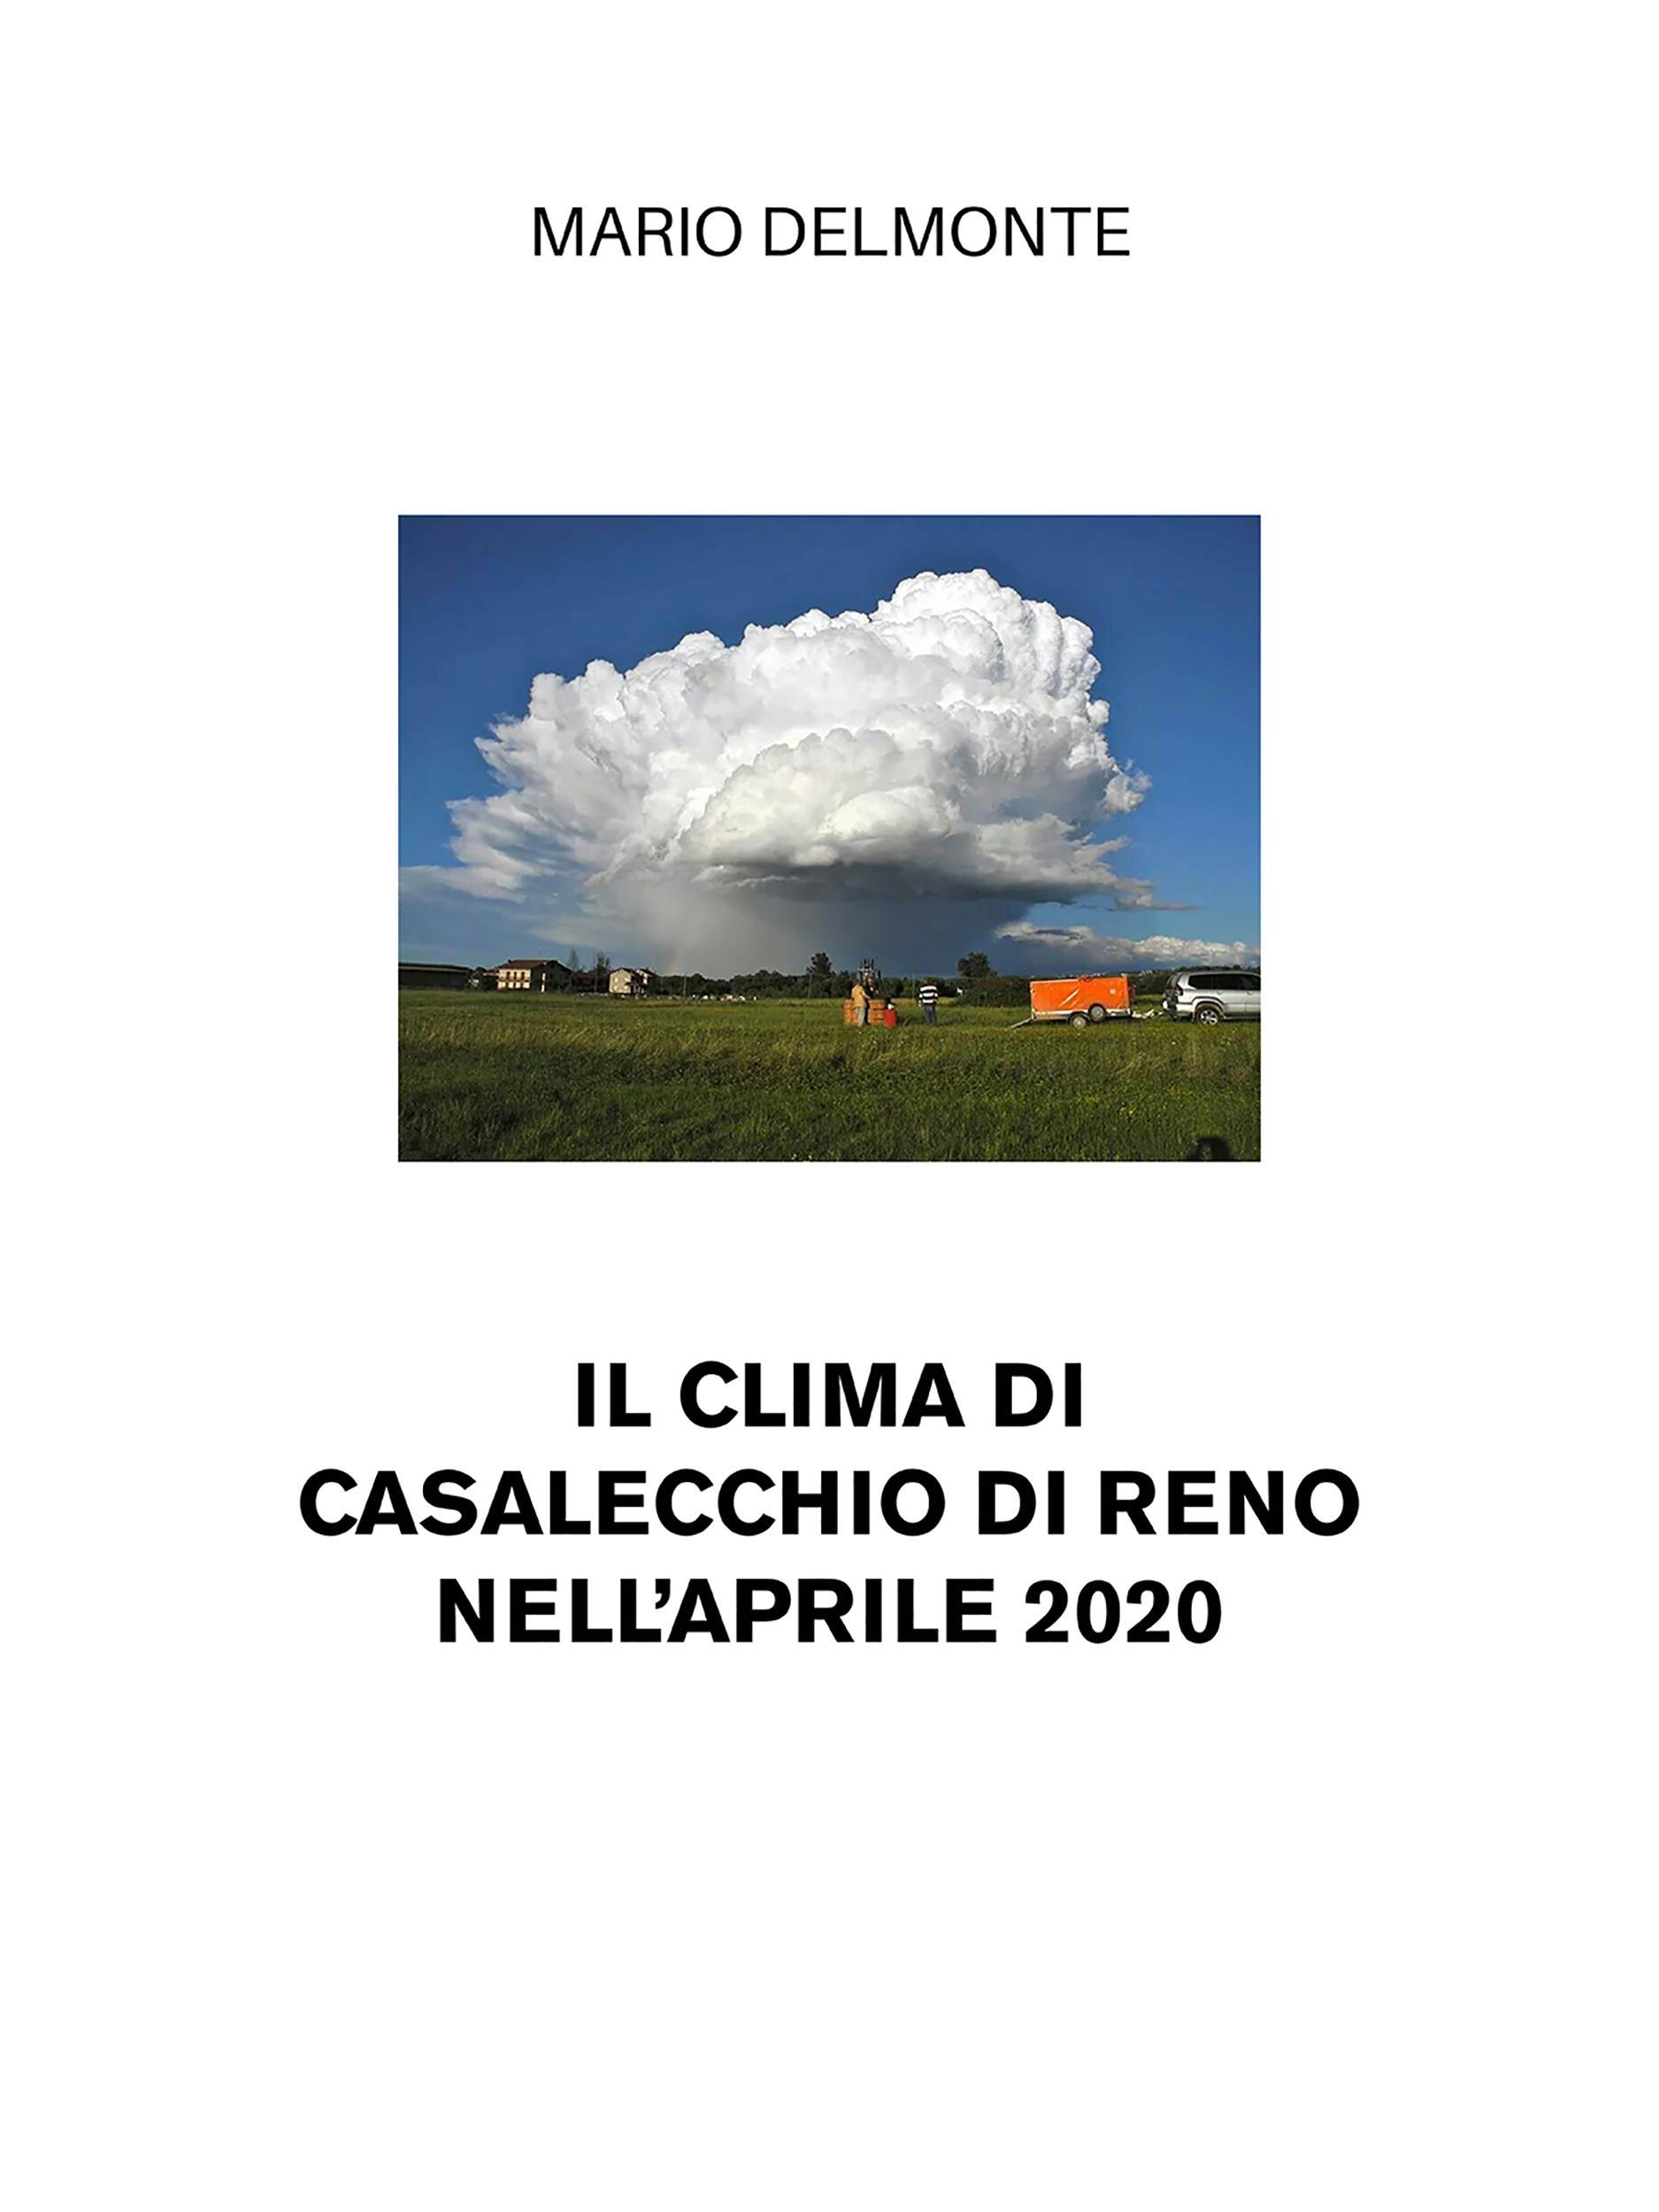 Il clima di Casalecchio di Reno nell'aprile 2020